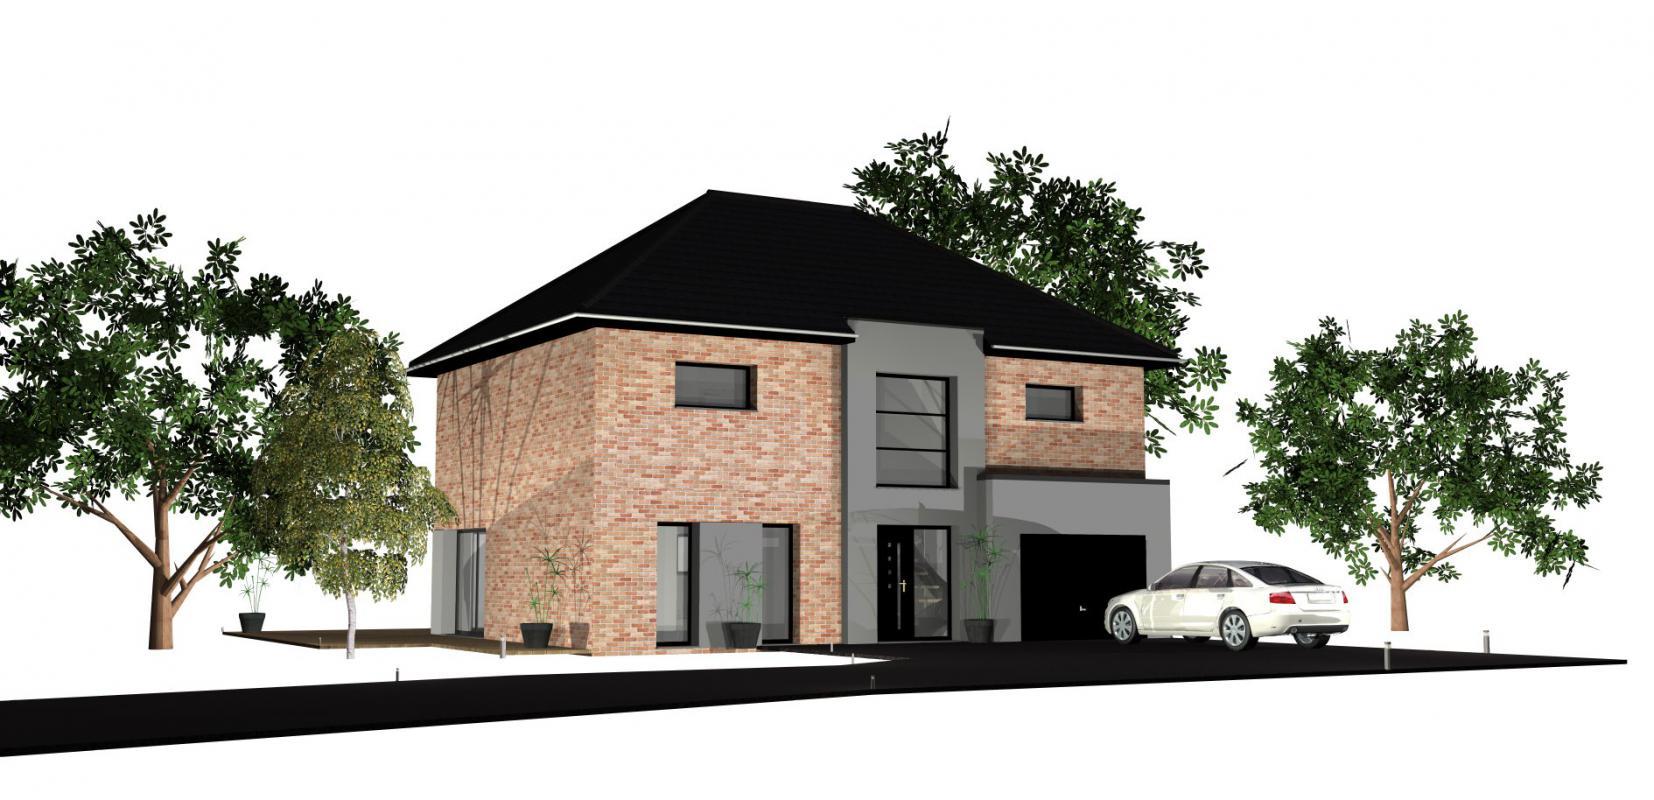 Maisons + Terrains du constructeur MAISONS D EN FRANCE NORD • 150 m² • MERRIS